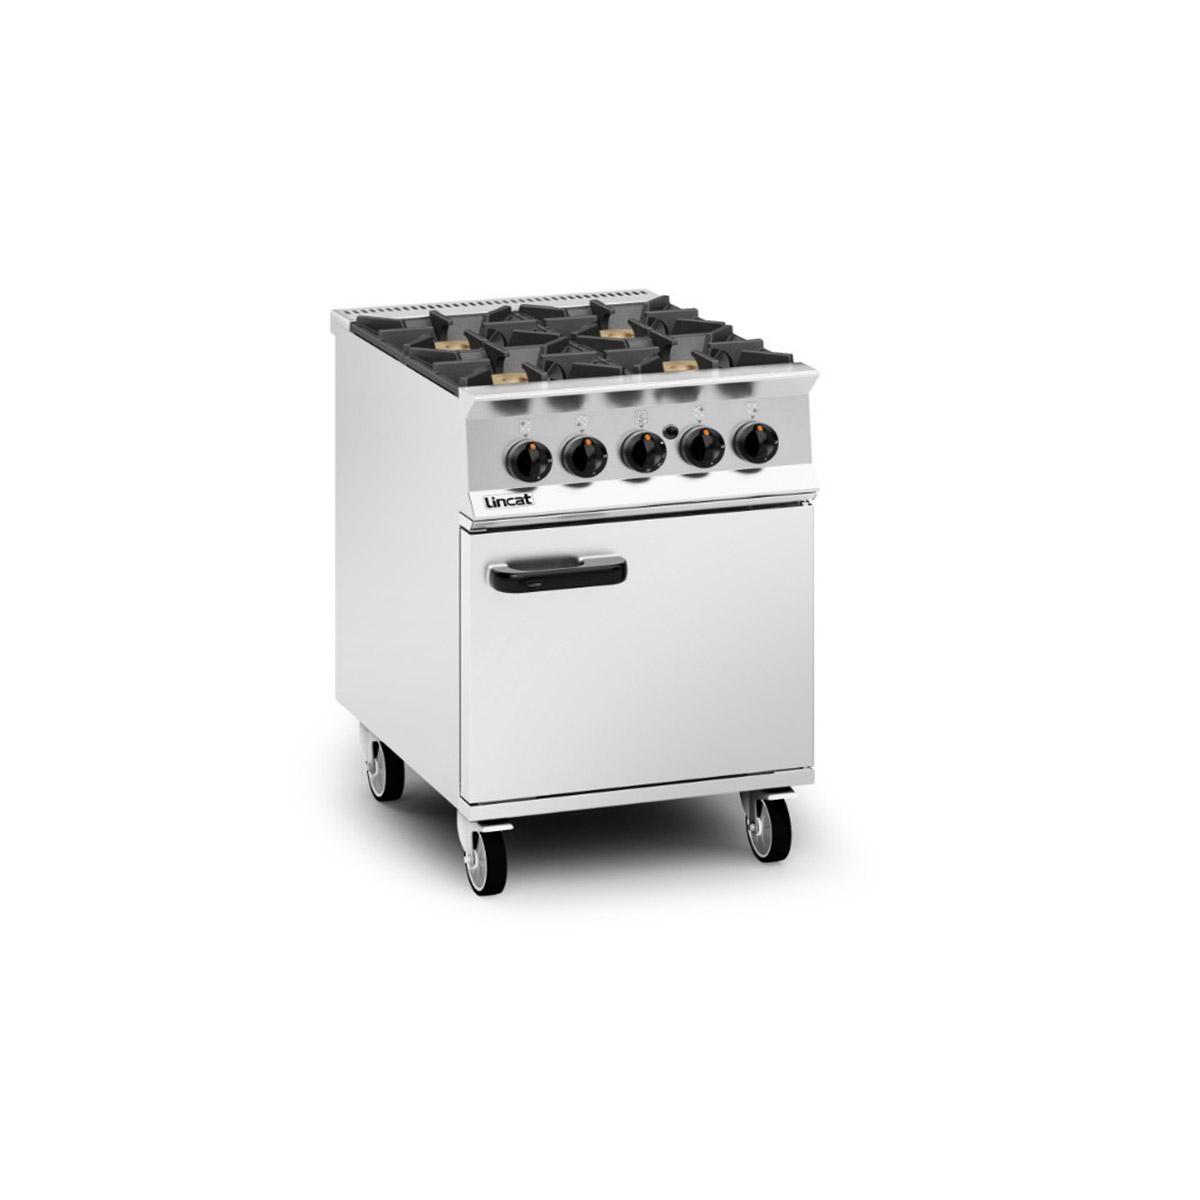 Lincat Opus 800 – 4 Burner Gas Oven Range Model: OG8001/N/RHD (Natural Gas)